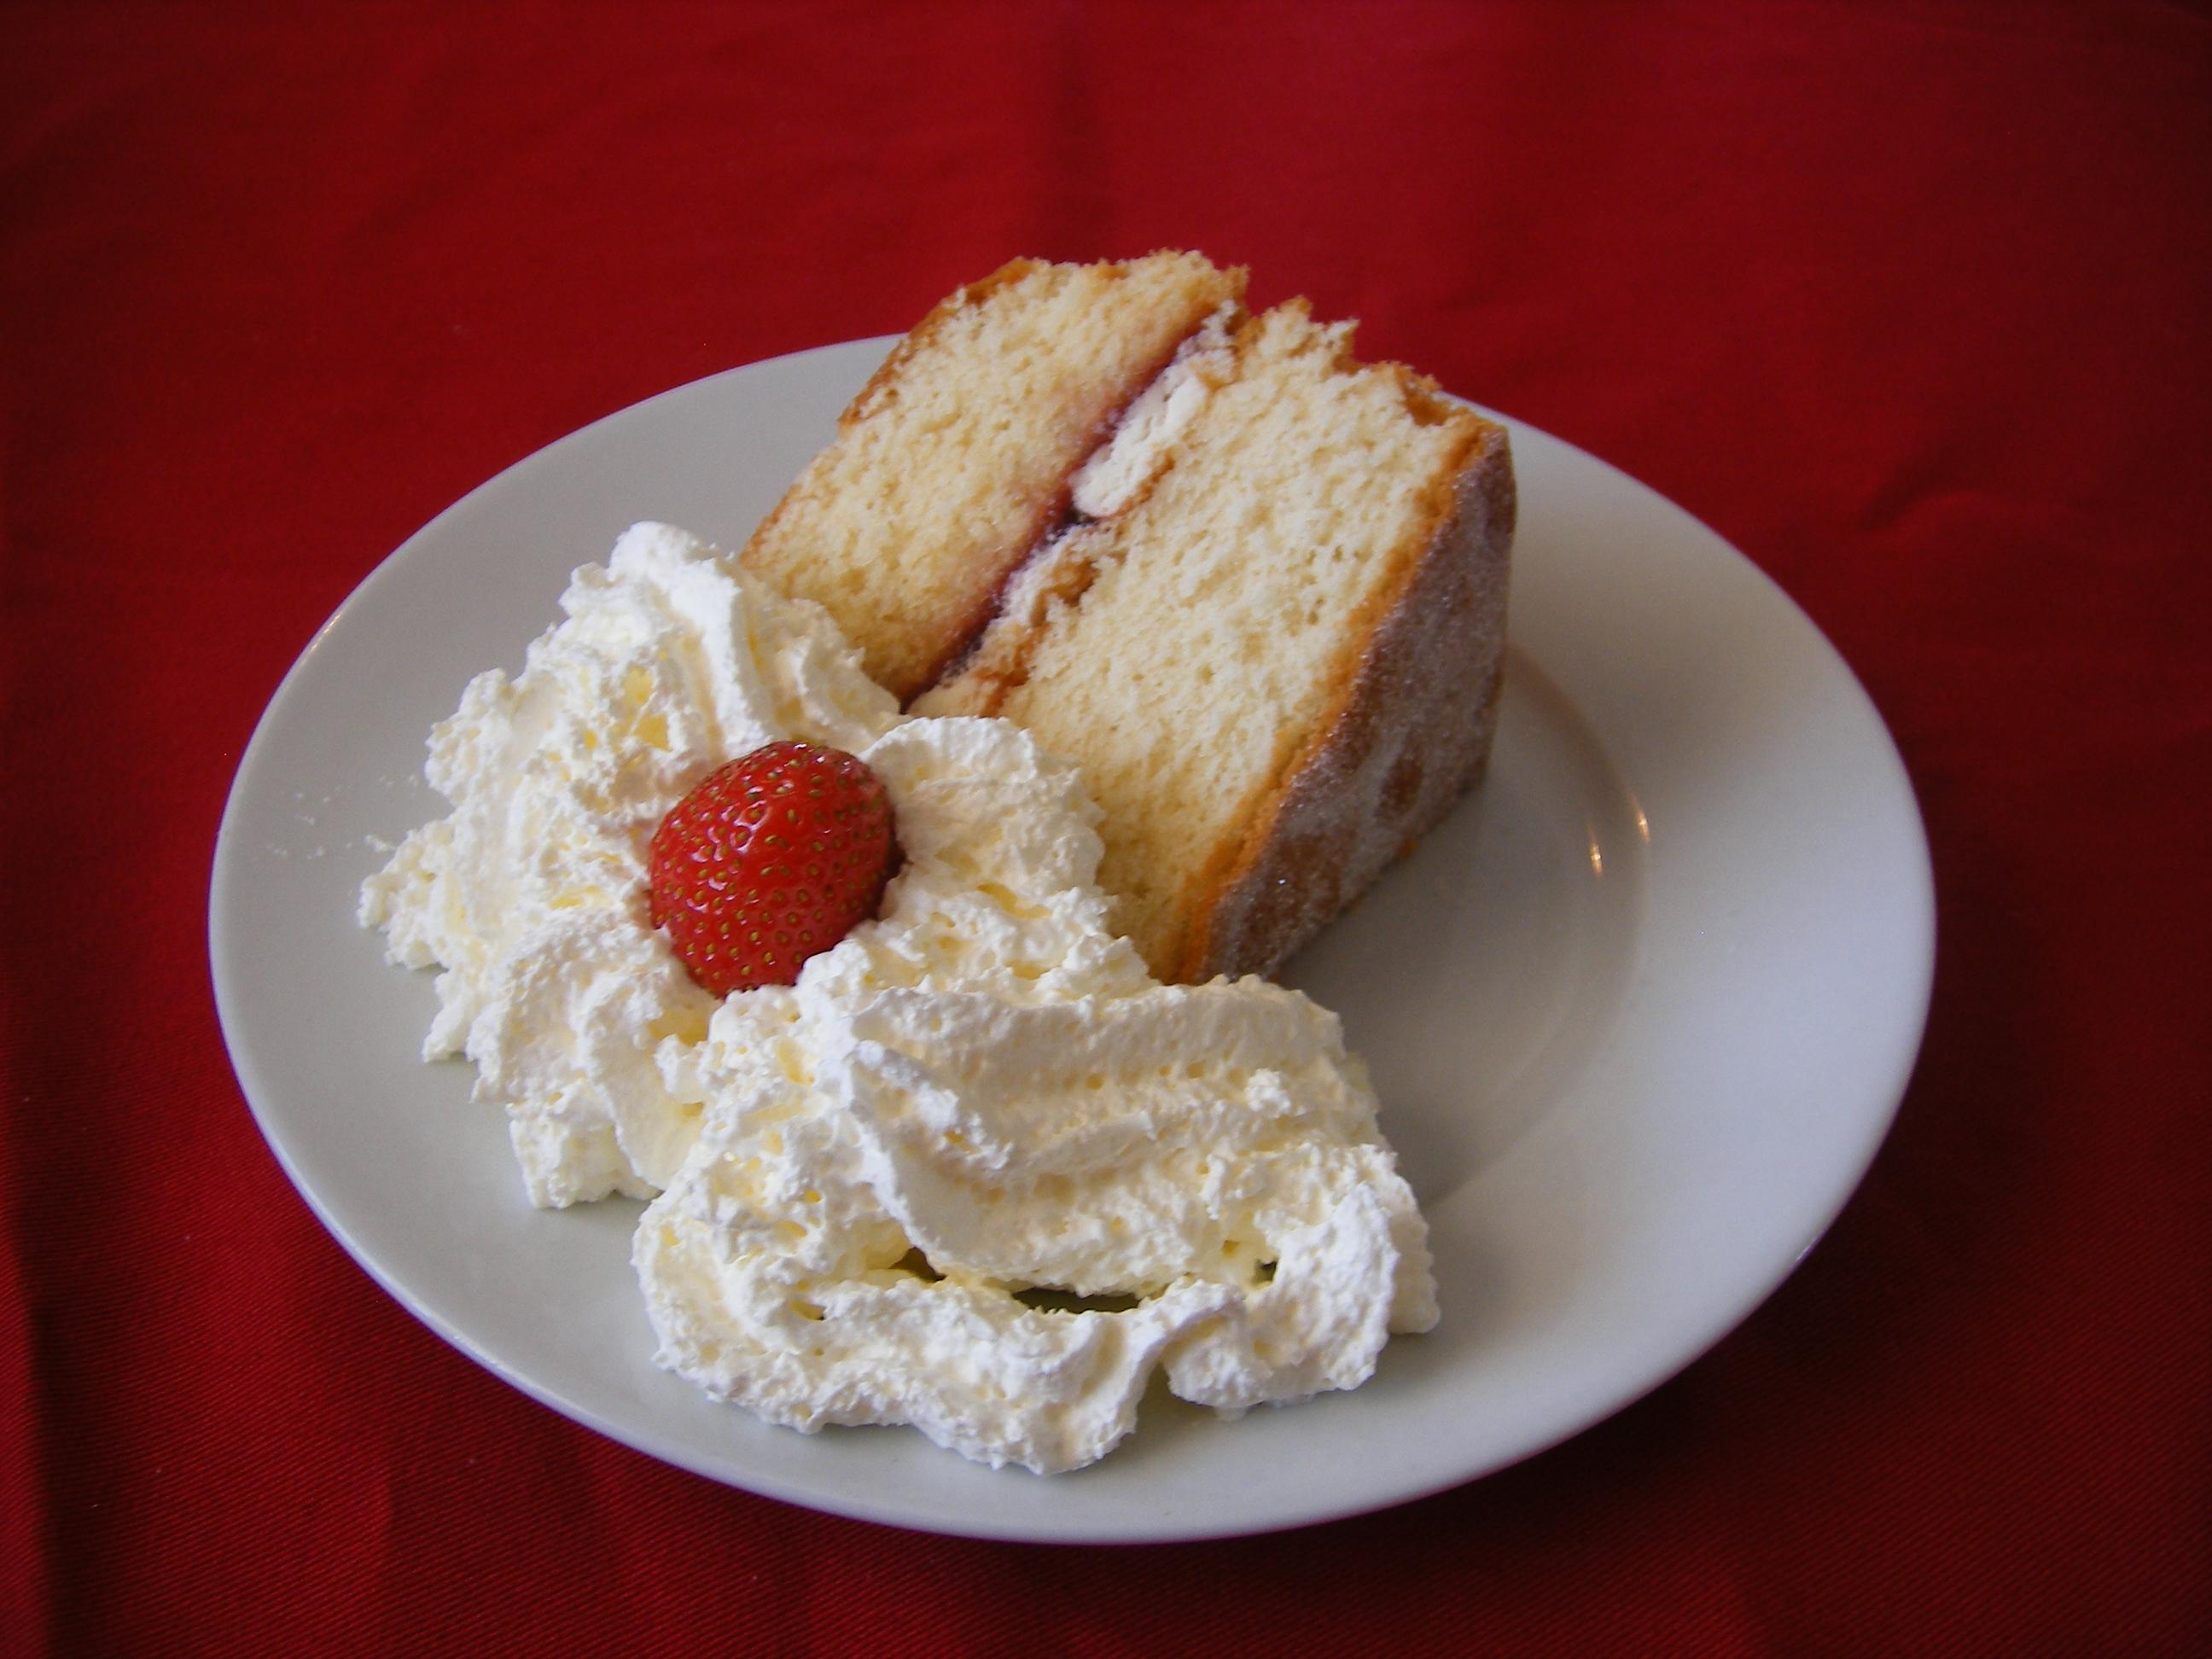 Recette Sponge Cake Et Creme P Ef Bf Bdtissi Ef Bf Bdre